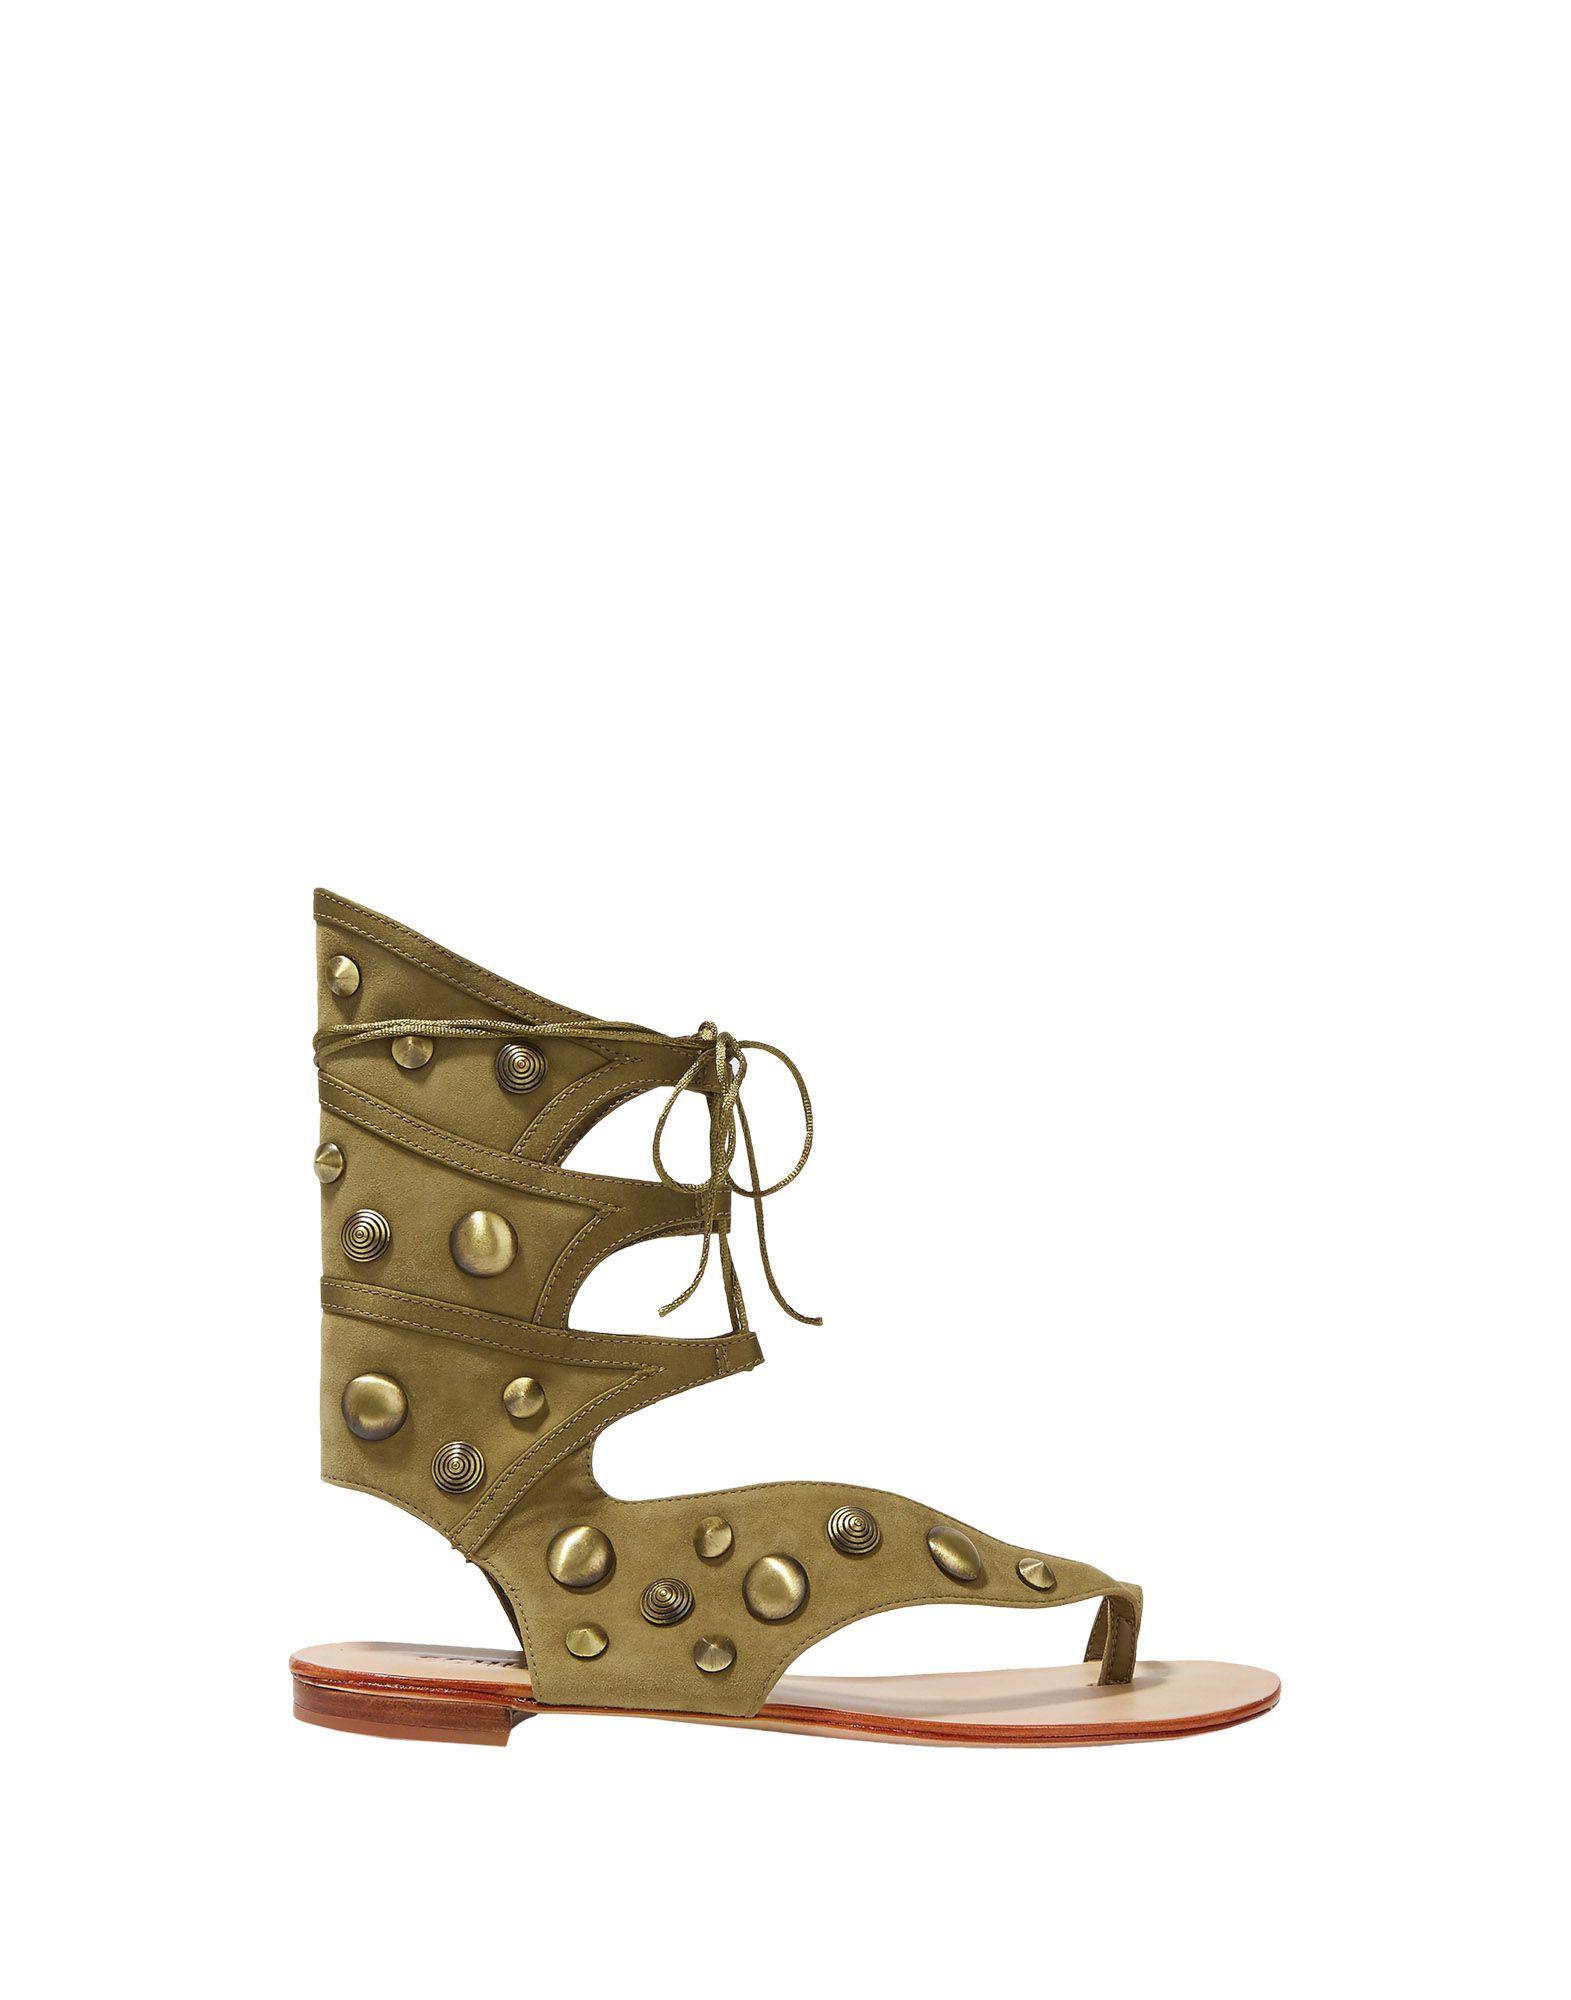 Stilvolle Damen billige Schuhe Schutz Stiefelette Damen Stilvolle  11515024GK 845369